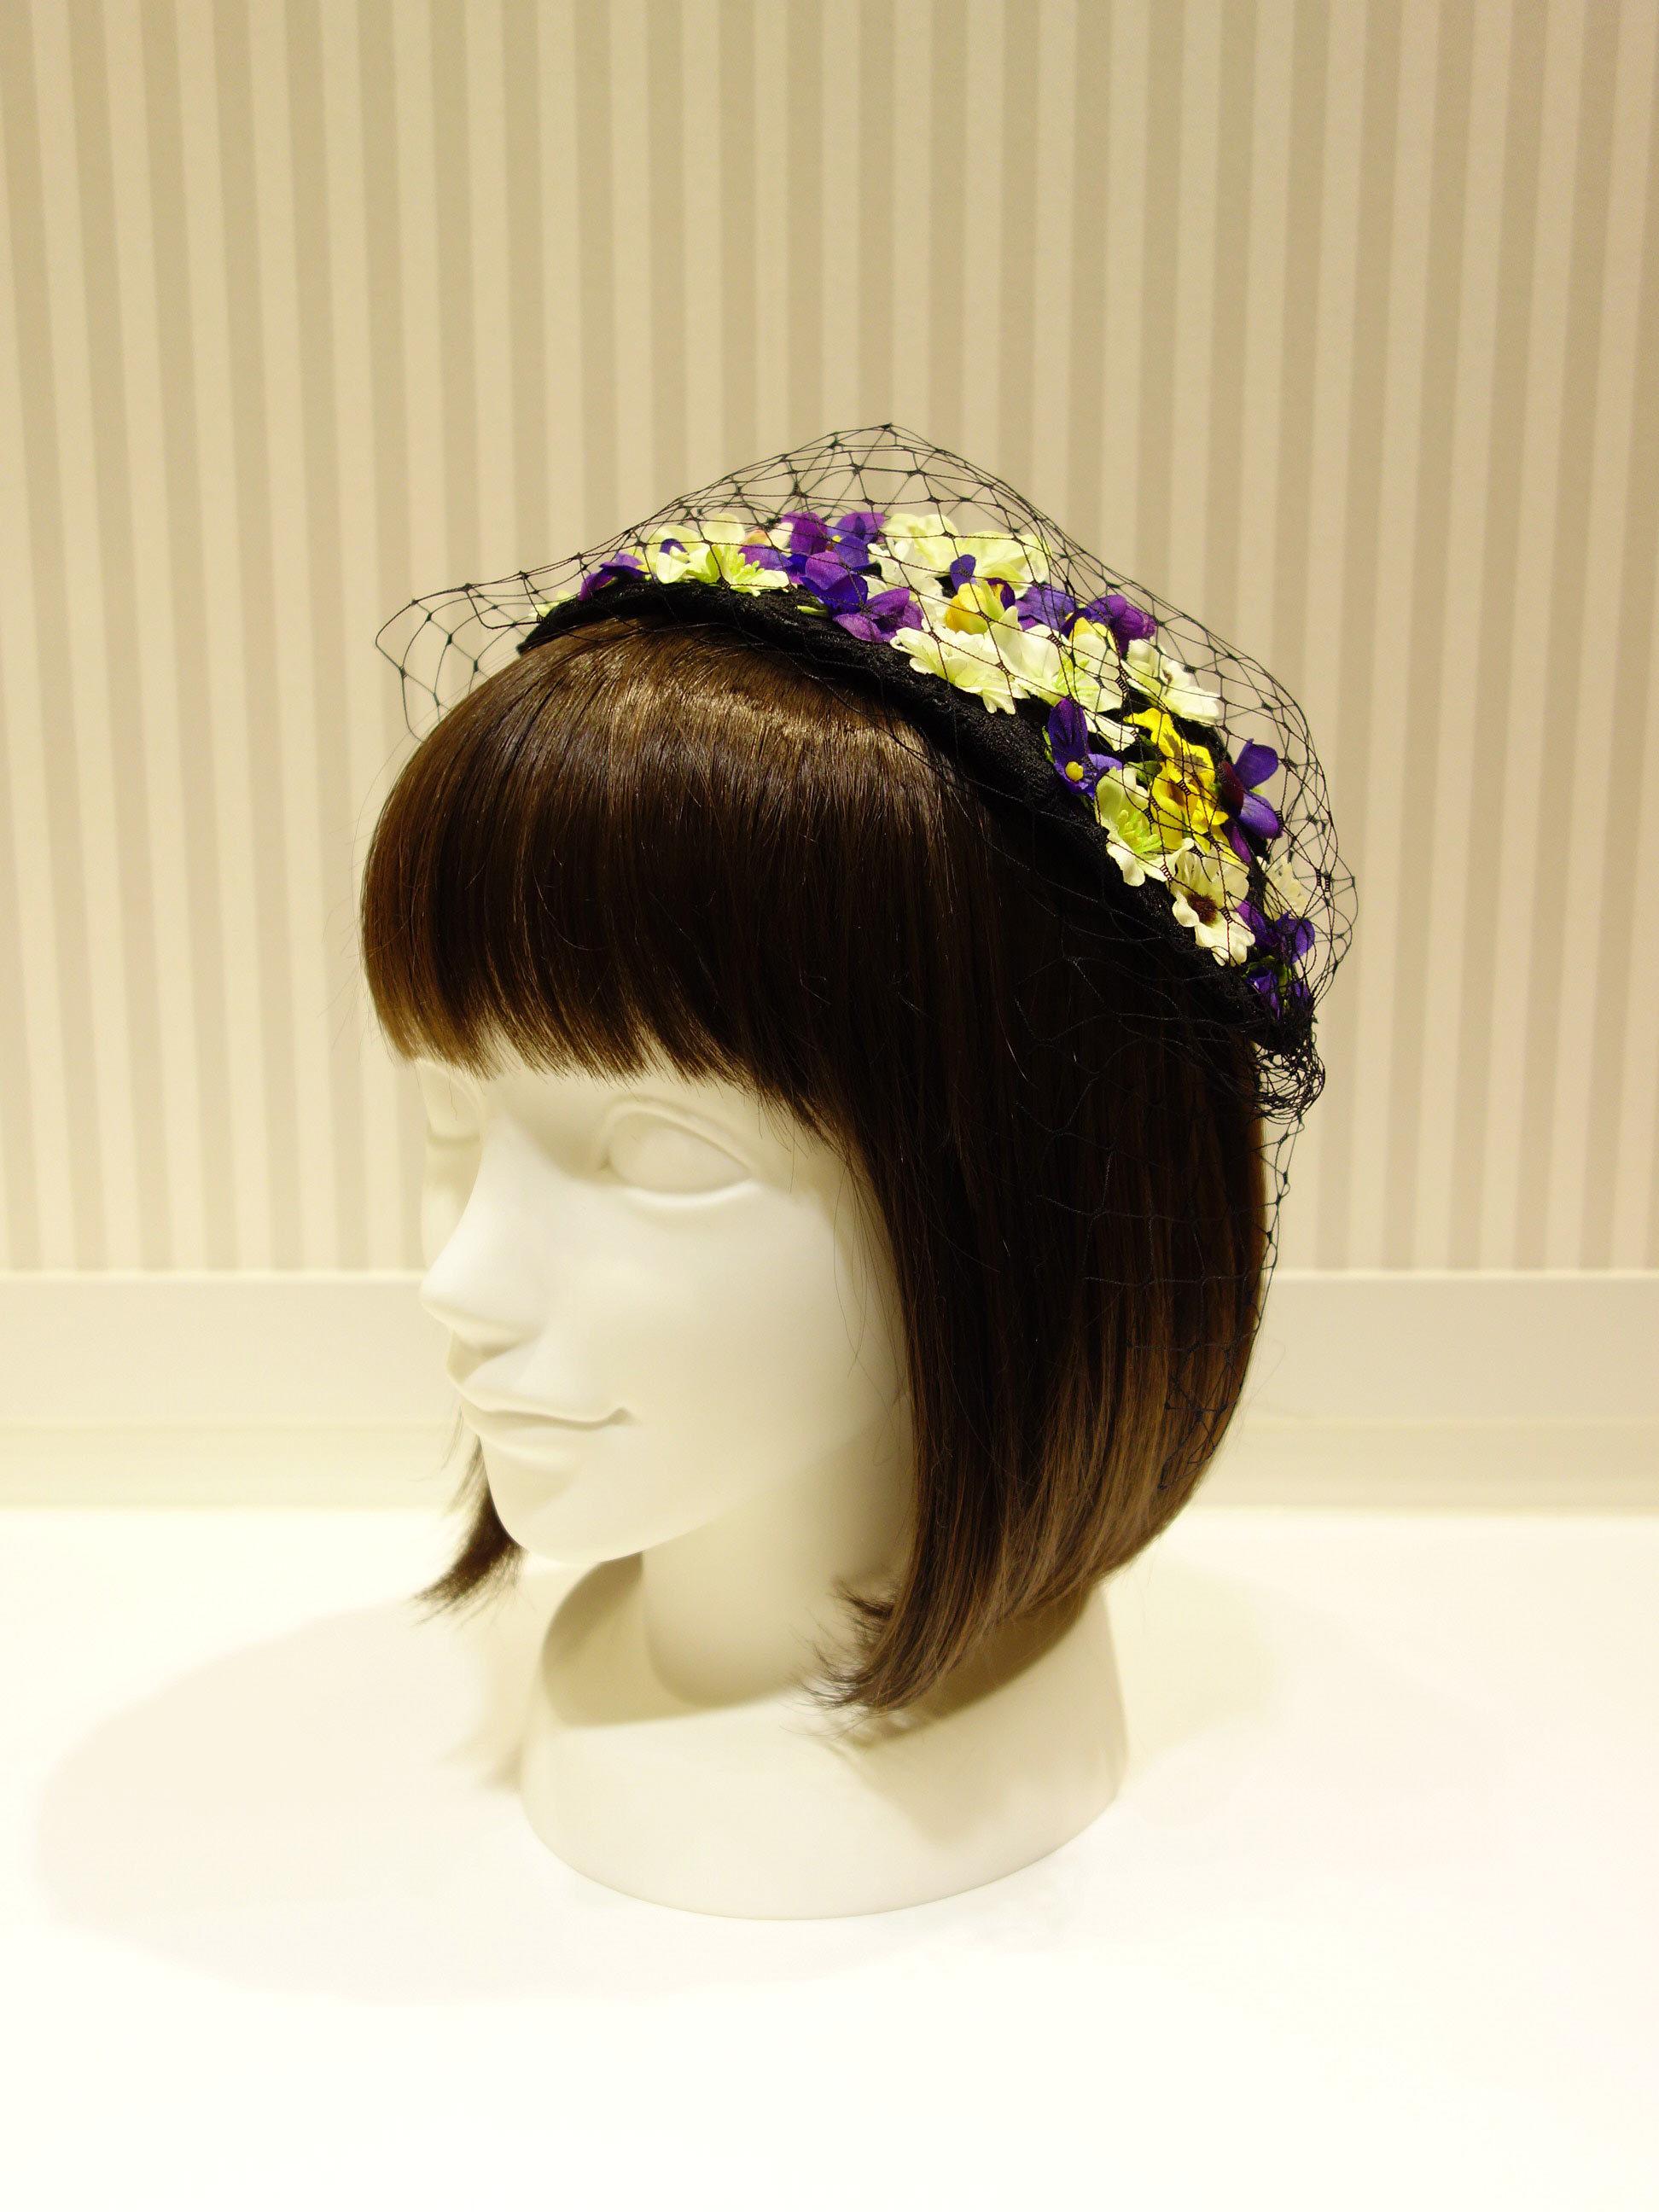 からす*花のヘッドドレス入荷♪_e0167832_16083137.jpg